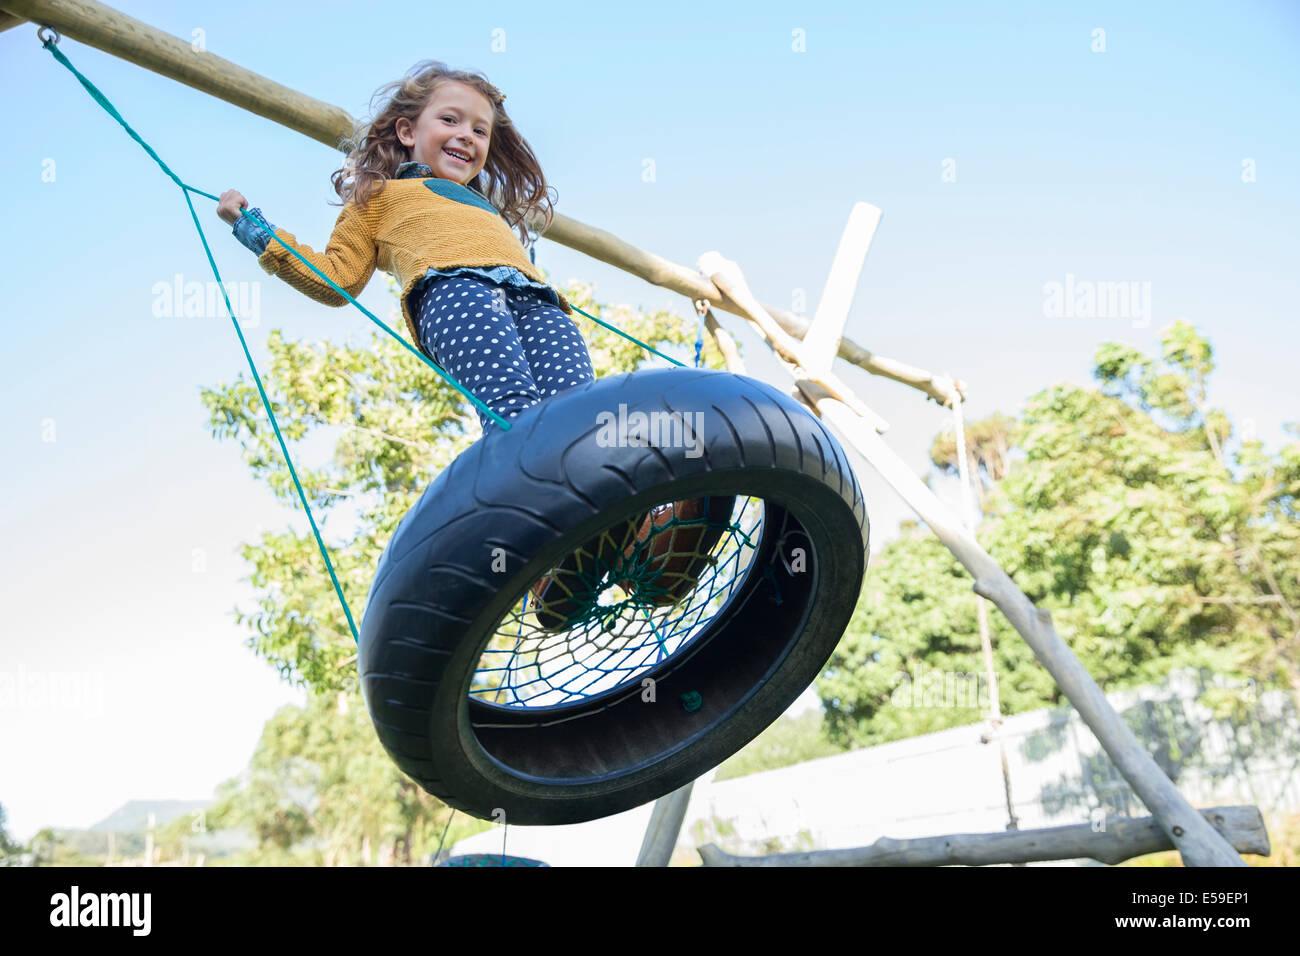 Niña jugando en el neumático swing Imagen De Stock